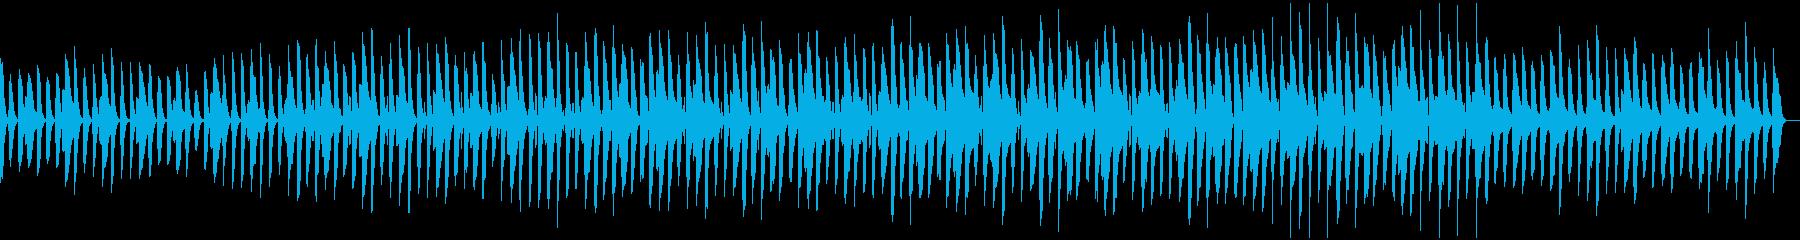 軽やか・かわいい・和みペット動画の再生済みの波形